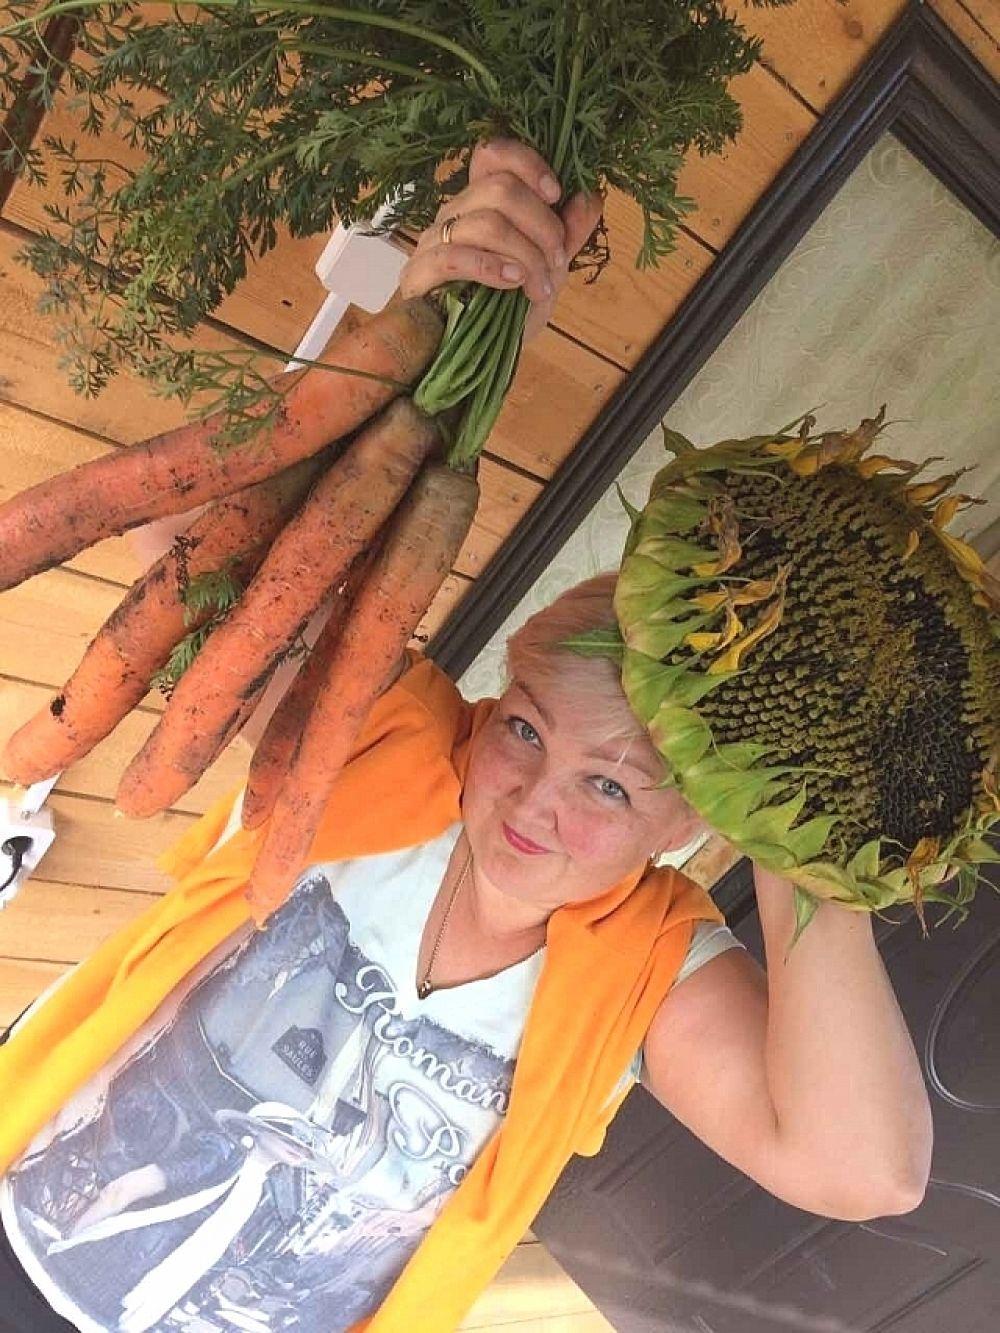 Участник №2. Анжелика Евдокимова, Ангарск. «Удалась морковь у нас, суперовощ - просто класс! Аргументы научили - санкции? Это не про нас!»